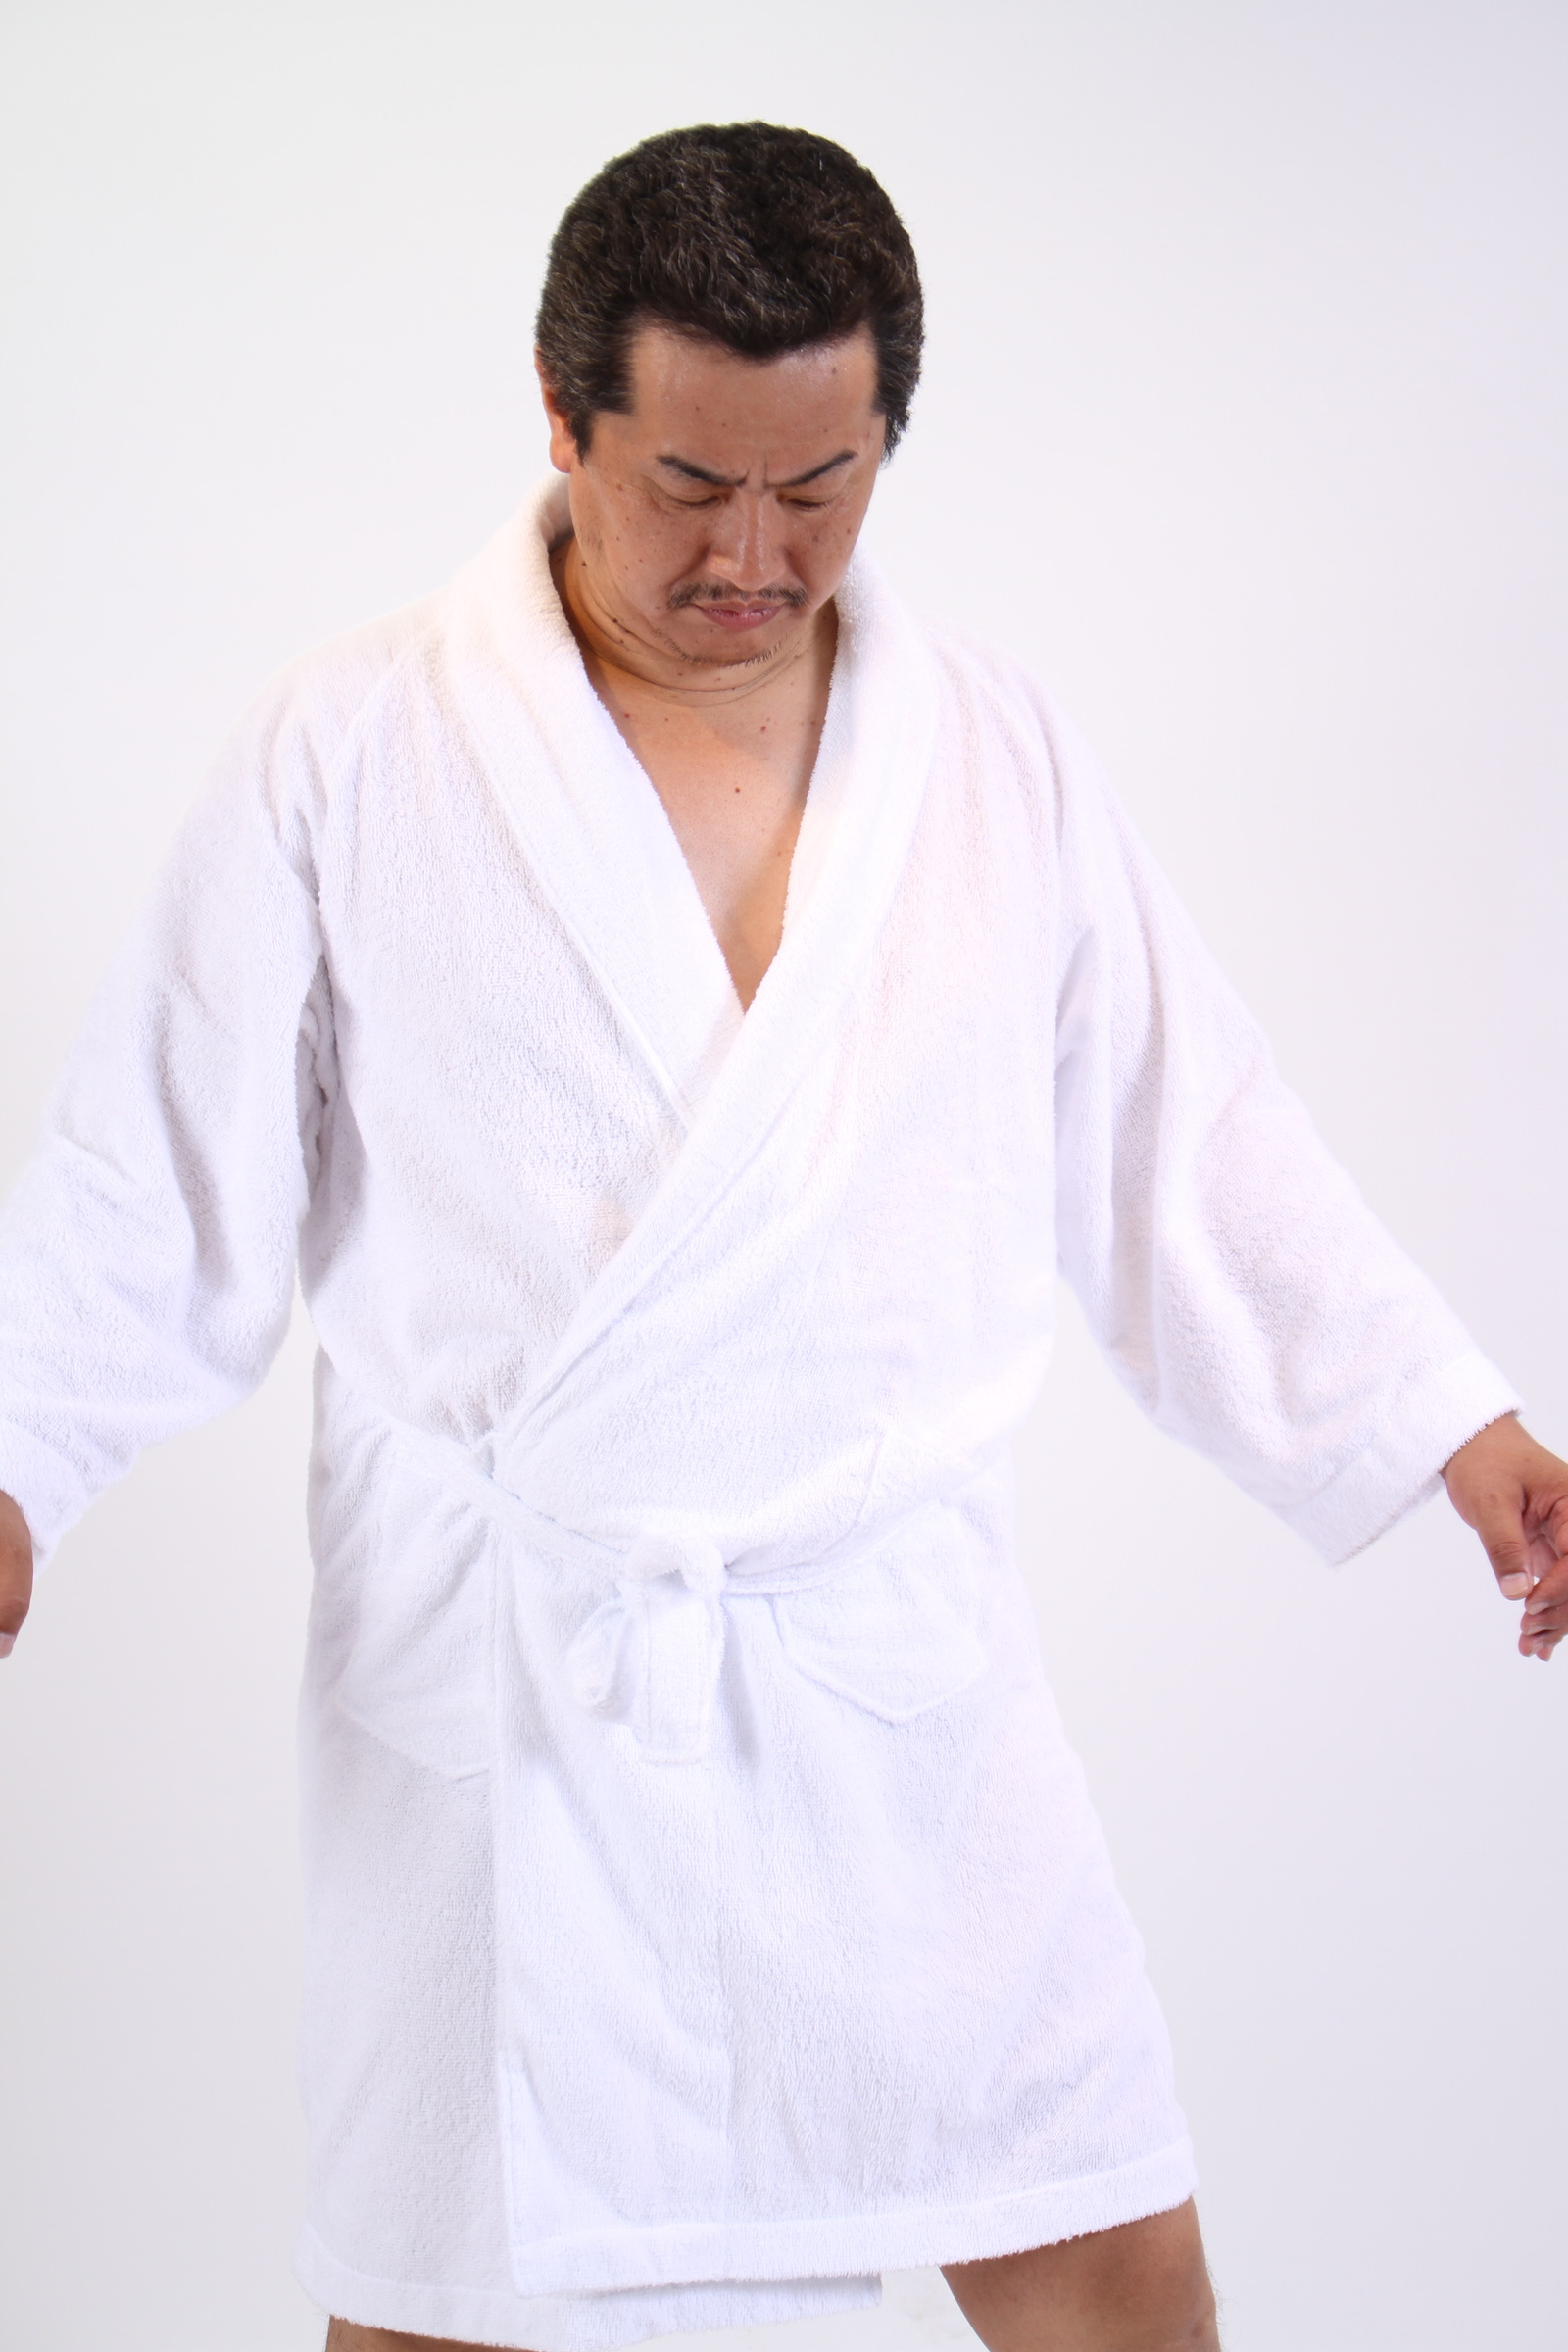 [01]「おや?これは空手着ではないね?」,シニア,写真,画像,素材,老人,高齢者,フリー